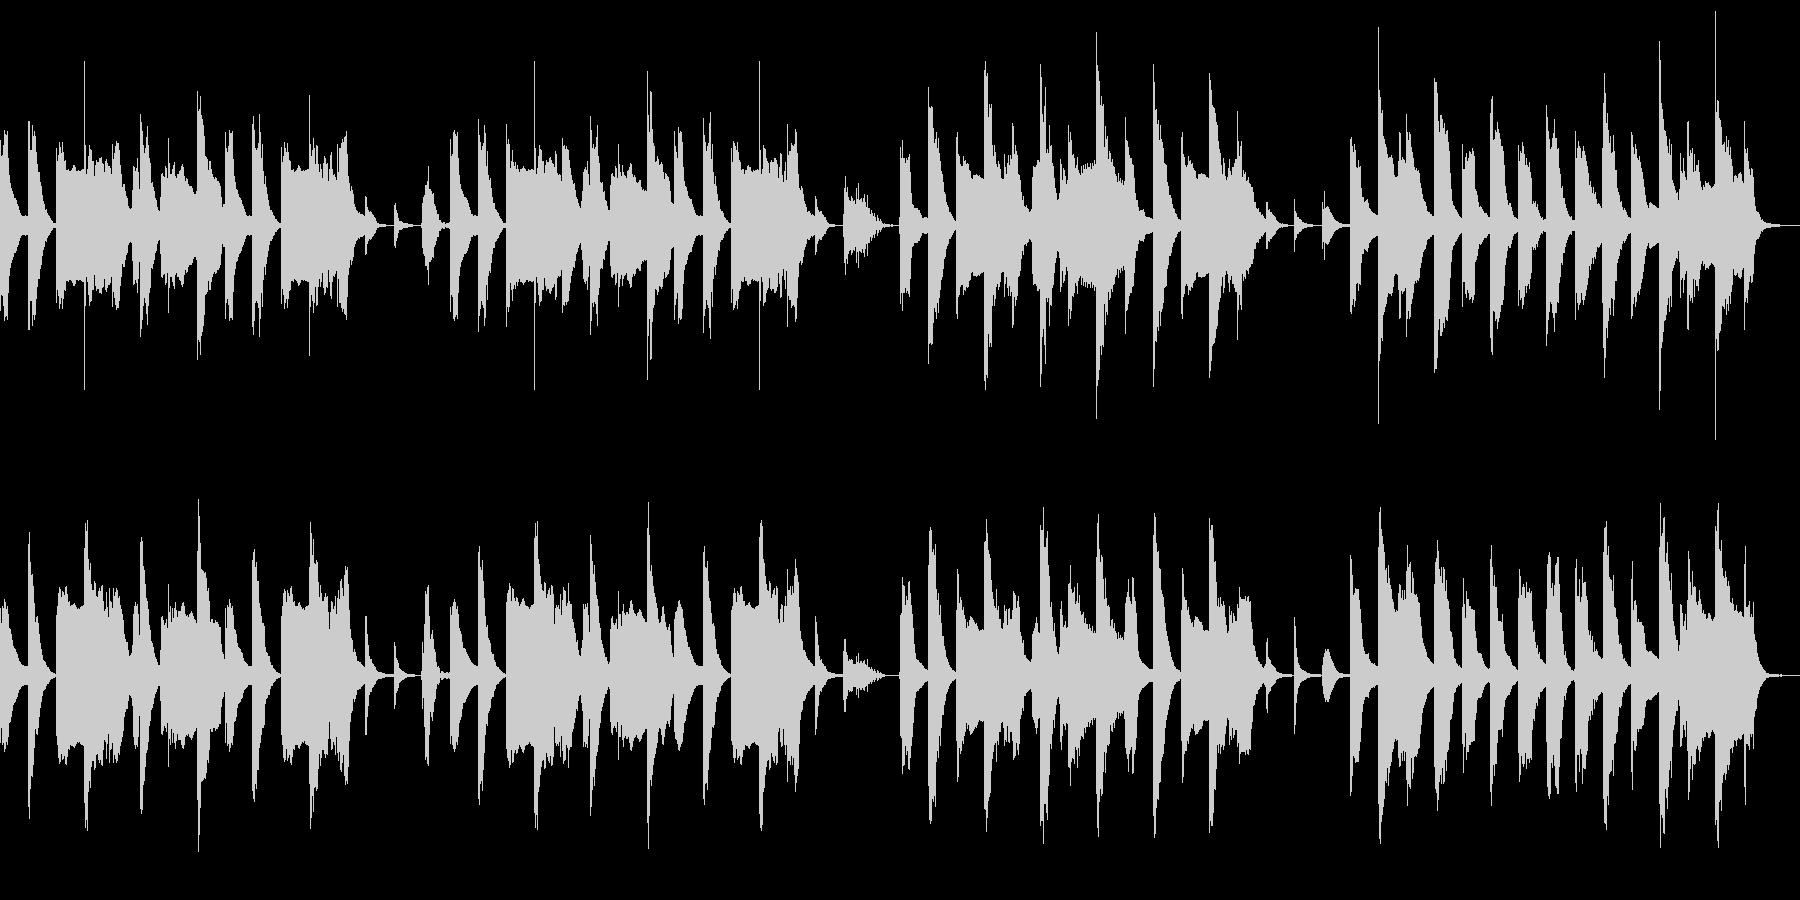 【便利】 バスクラA ずっこけ 【定番】の未再生の波形